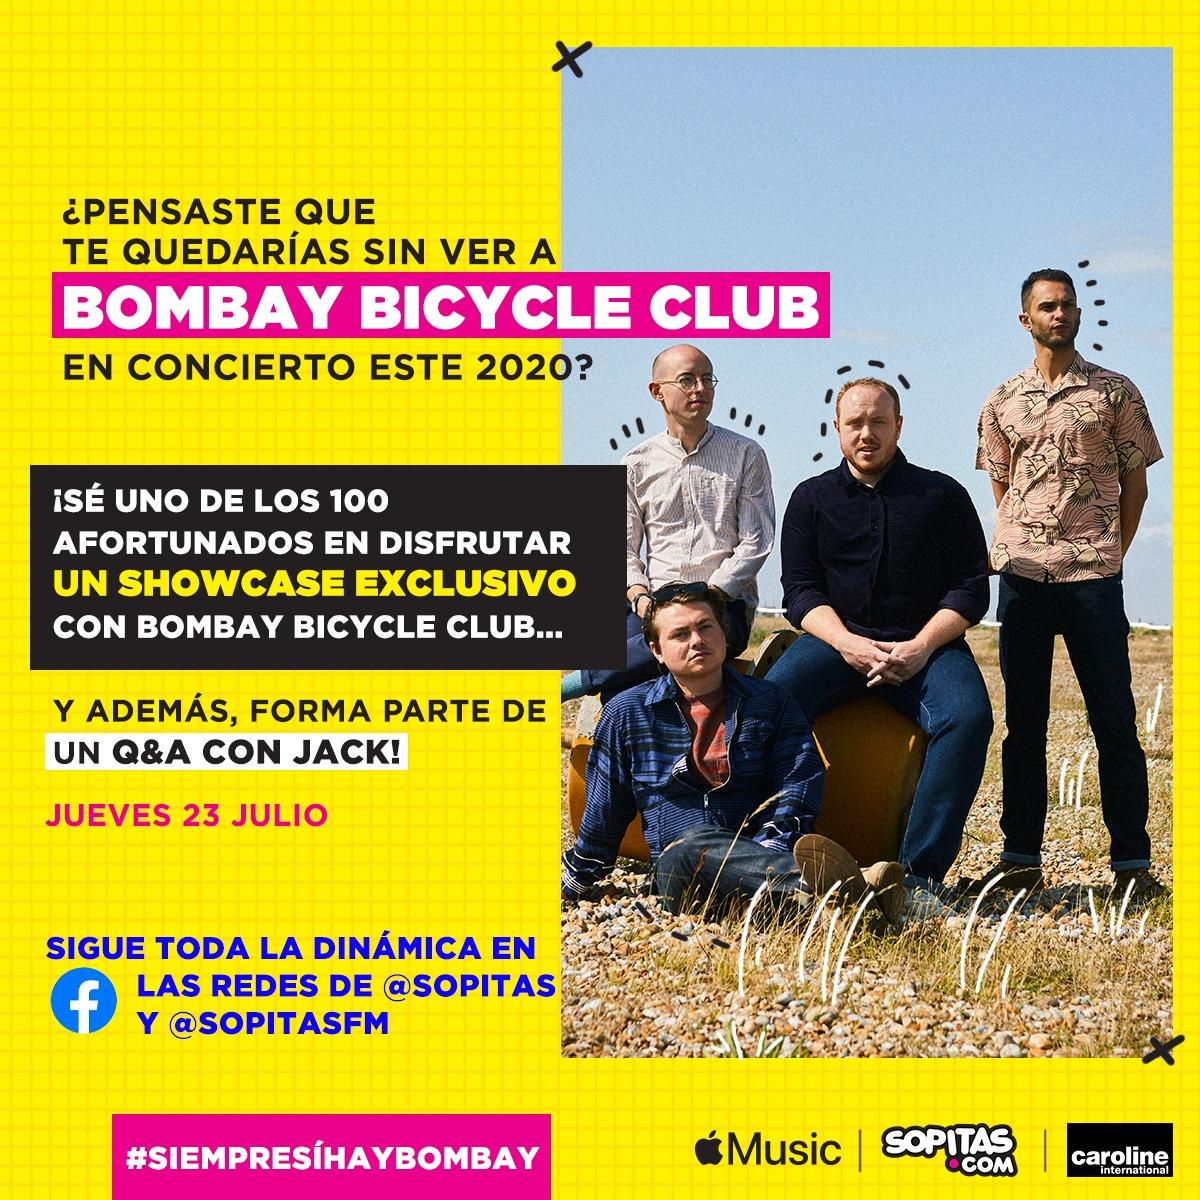 ¡SOPITAS.COM TE INVITA A UN SHOW EXCLUSIVO CON BOMBAY BICYCLE CLUB CON TODO Y Q&A!